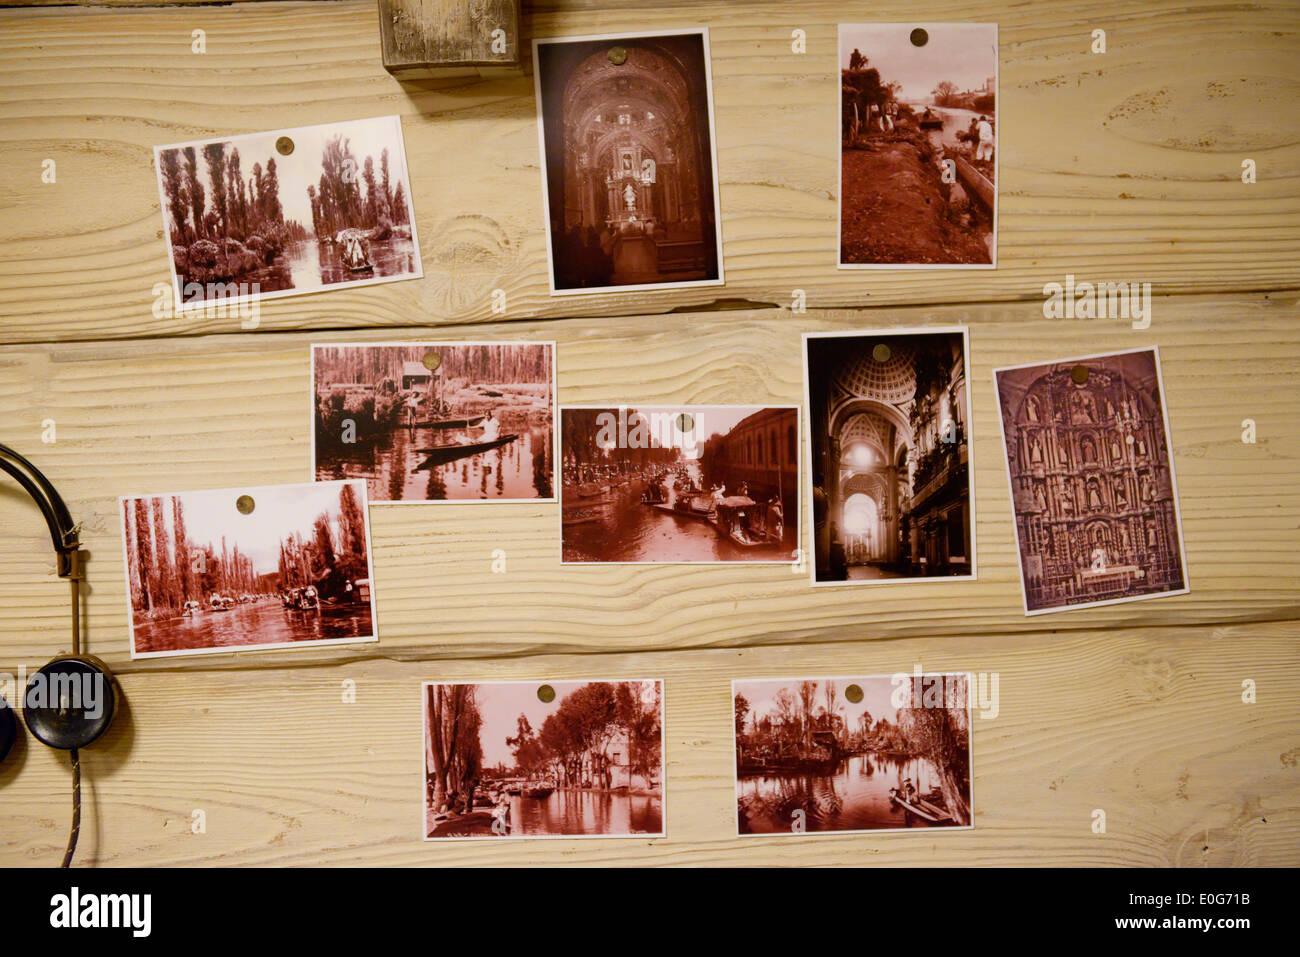 Vintage-Fotografien an einer Holzwand angeheftet Stockbild